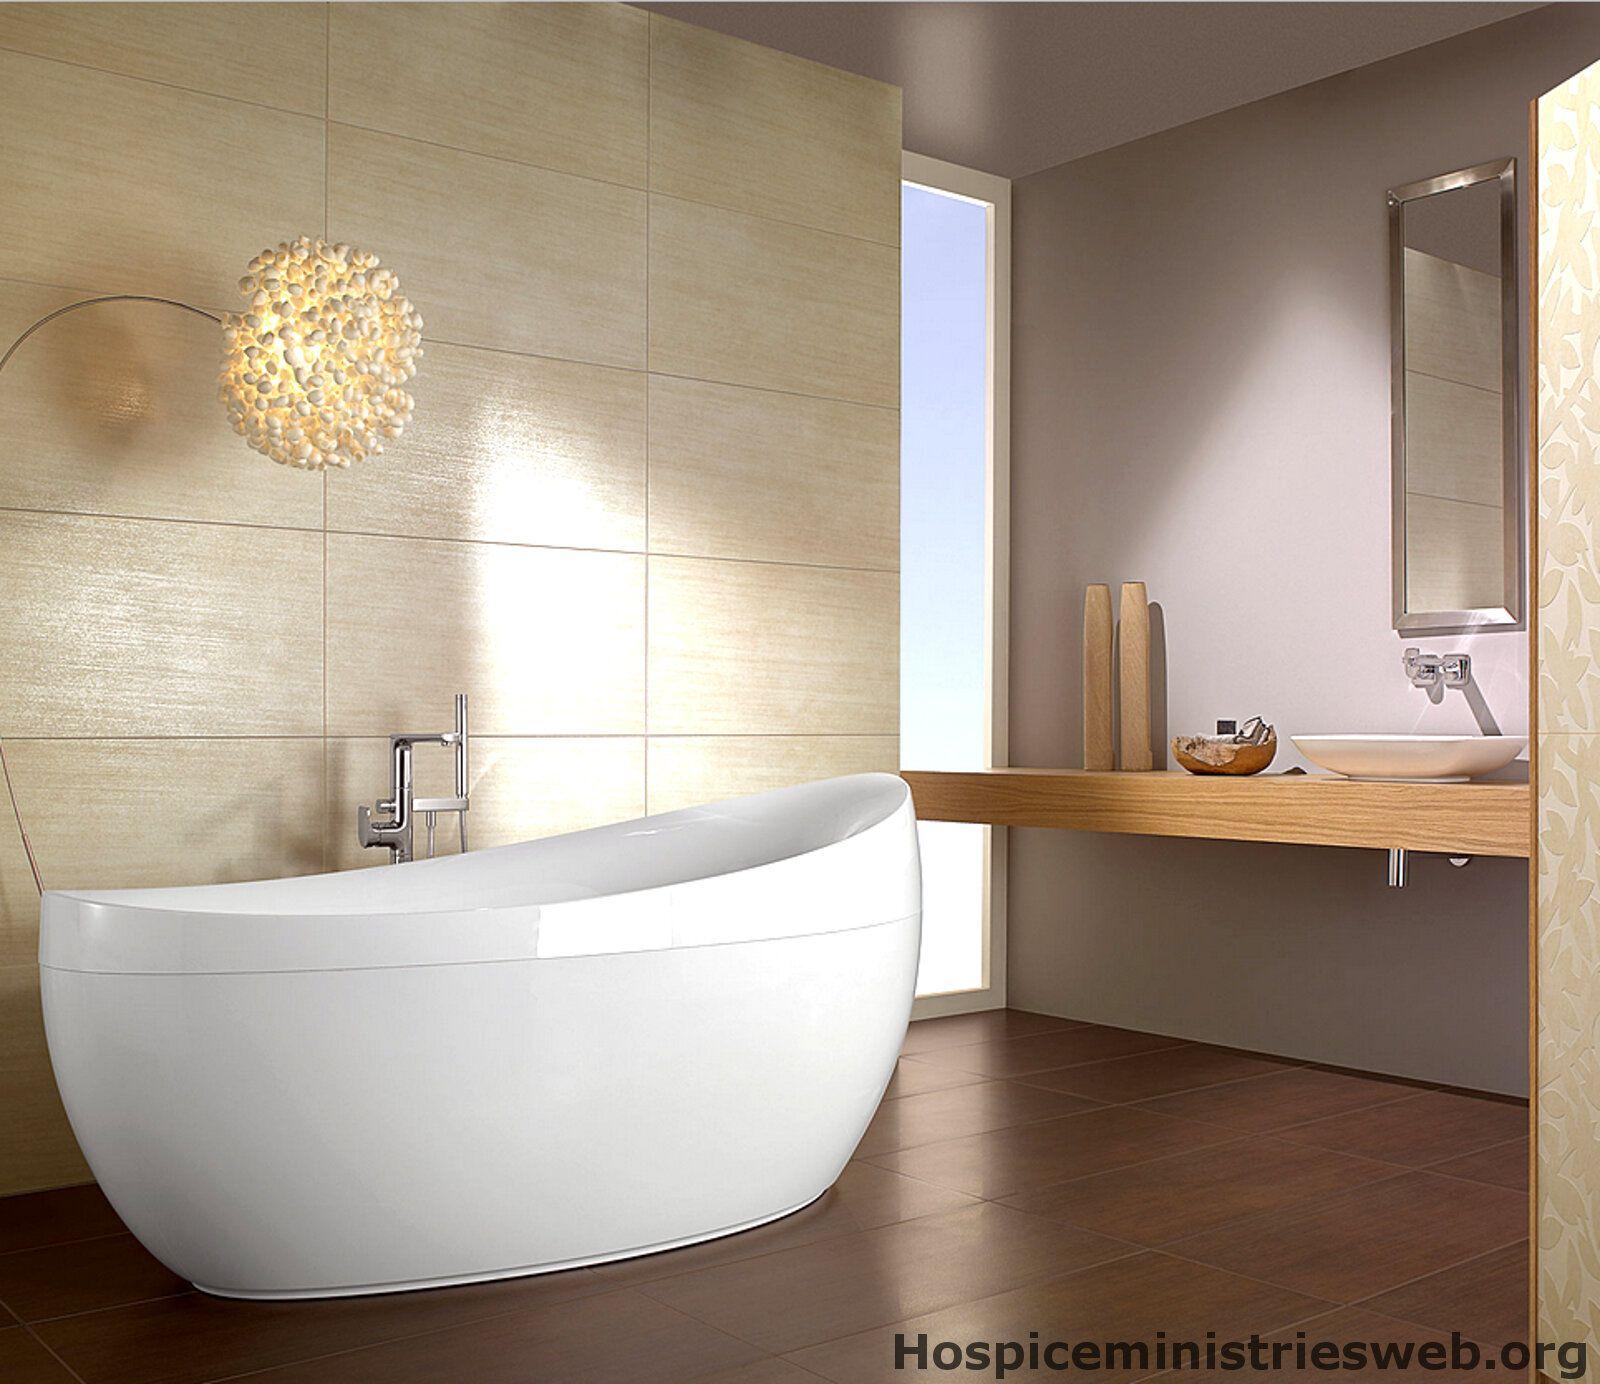 35 Ideen Fur Badezimmer Braun Beige Wohn Ideen Badezimmer Muster Schone Badezimmer Badezimmer Renovieren